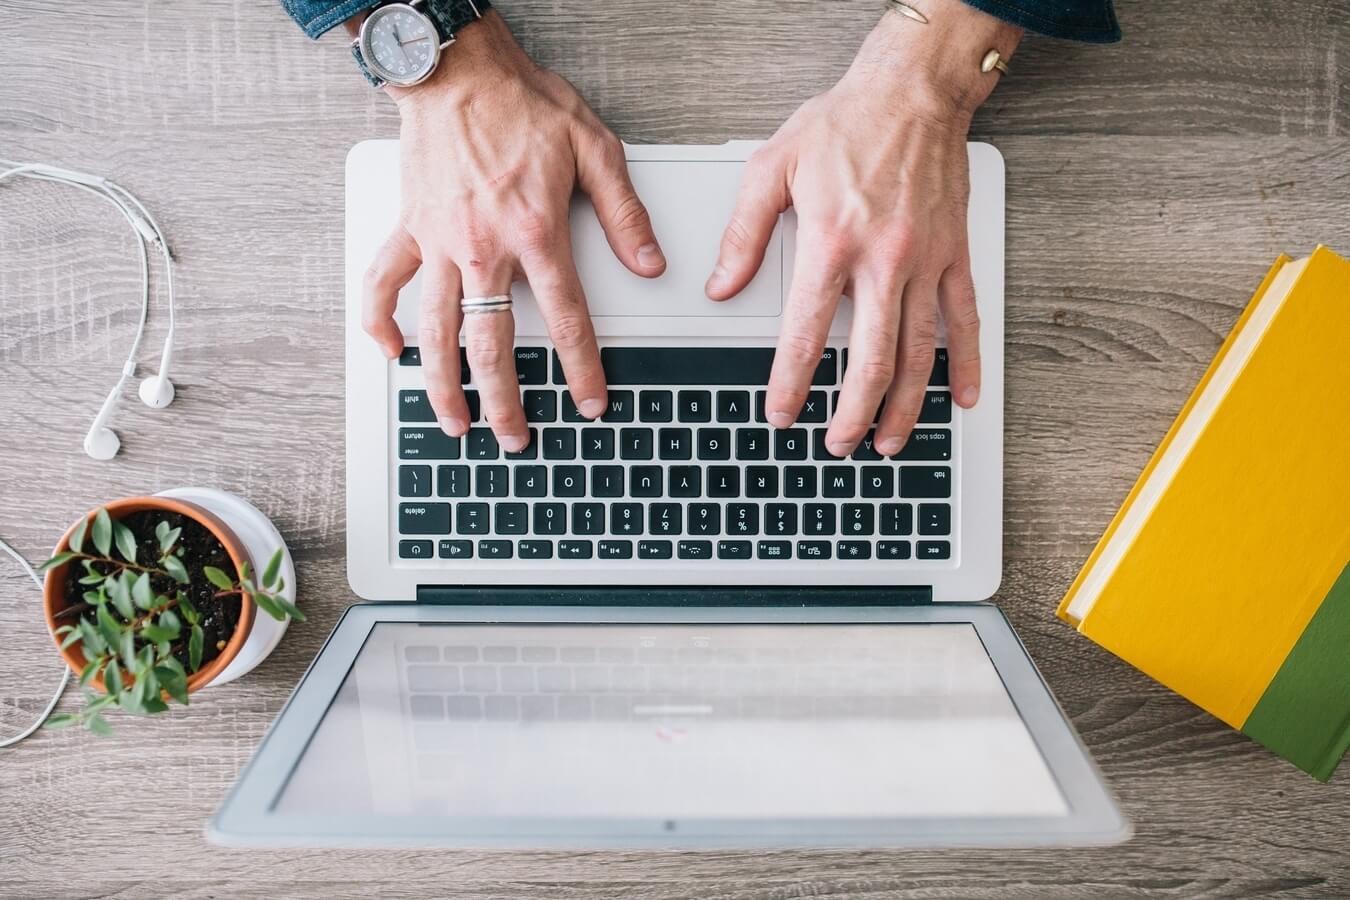 Тверские предприниматели могут стать клиентами Tele2 не выходя из офиса